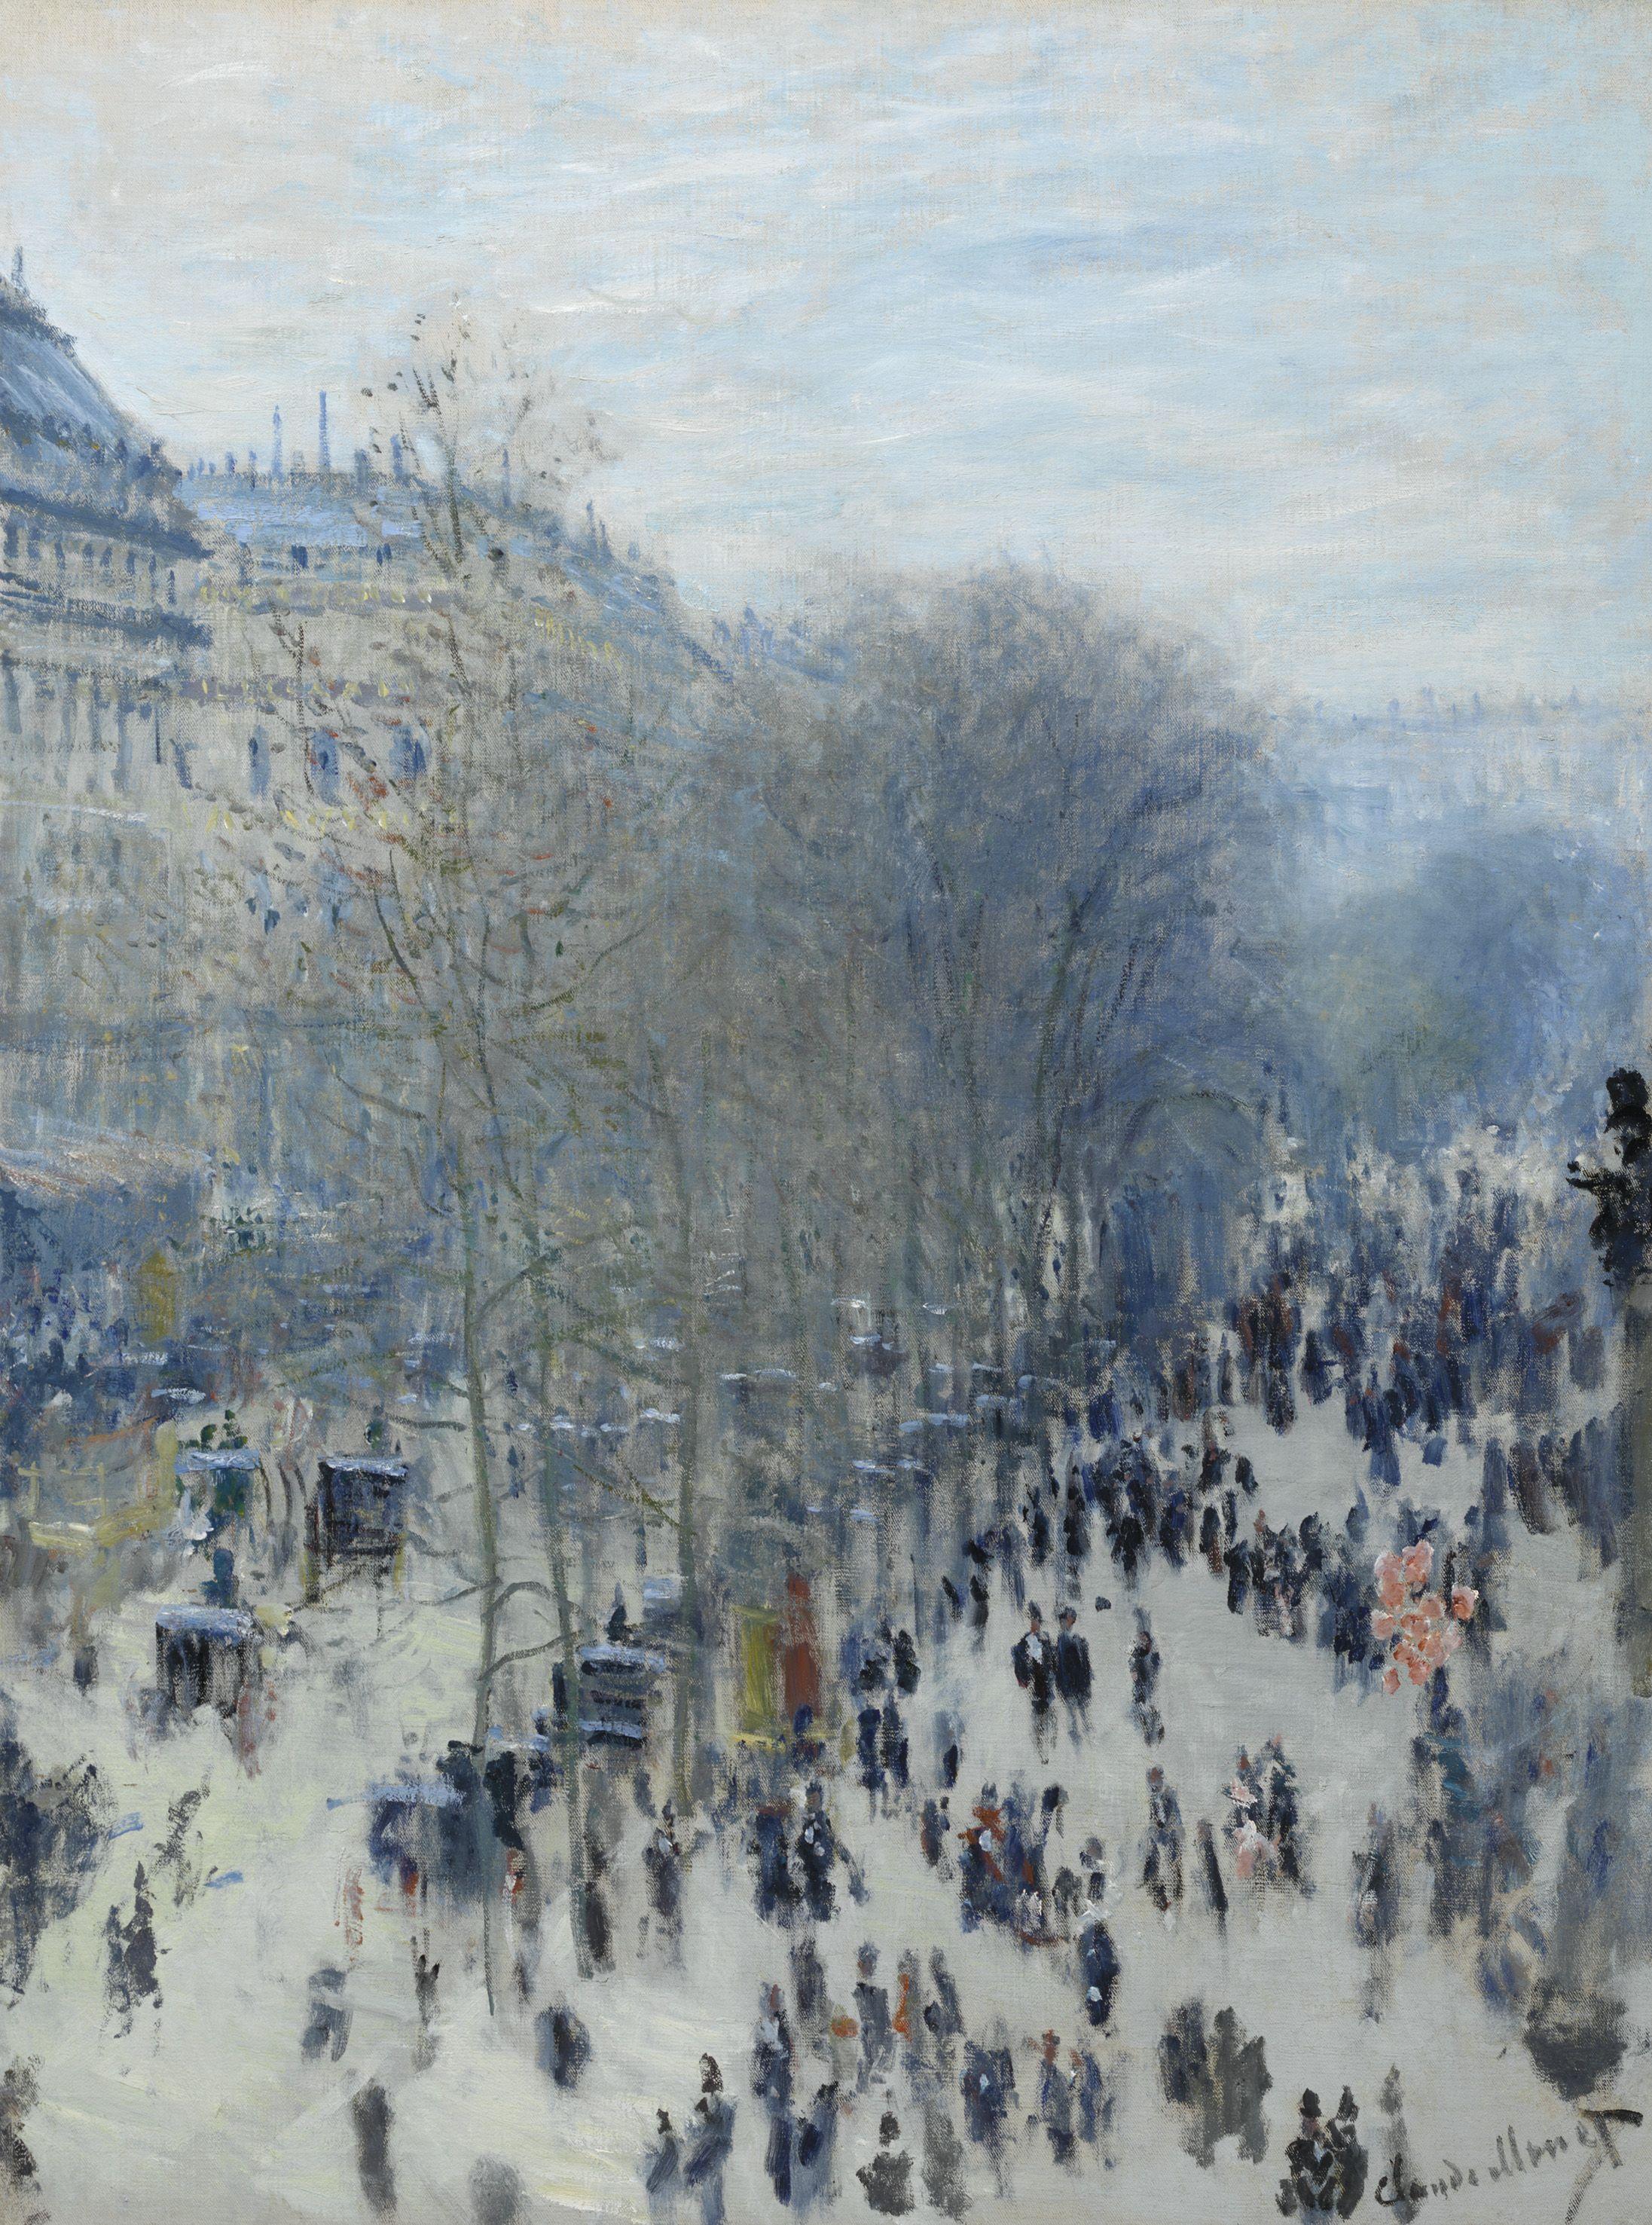 Monet Und Die Geburt Des Impressionismus Franzosischer Maler Stadel Museum Impressionismus Monet Claude Monet